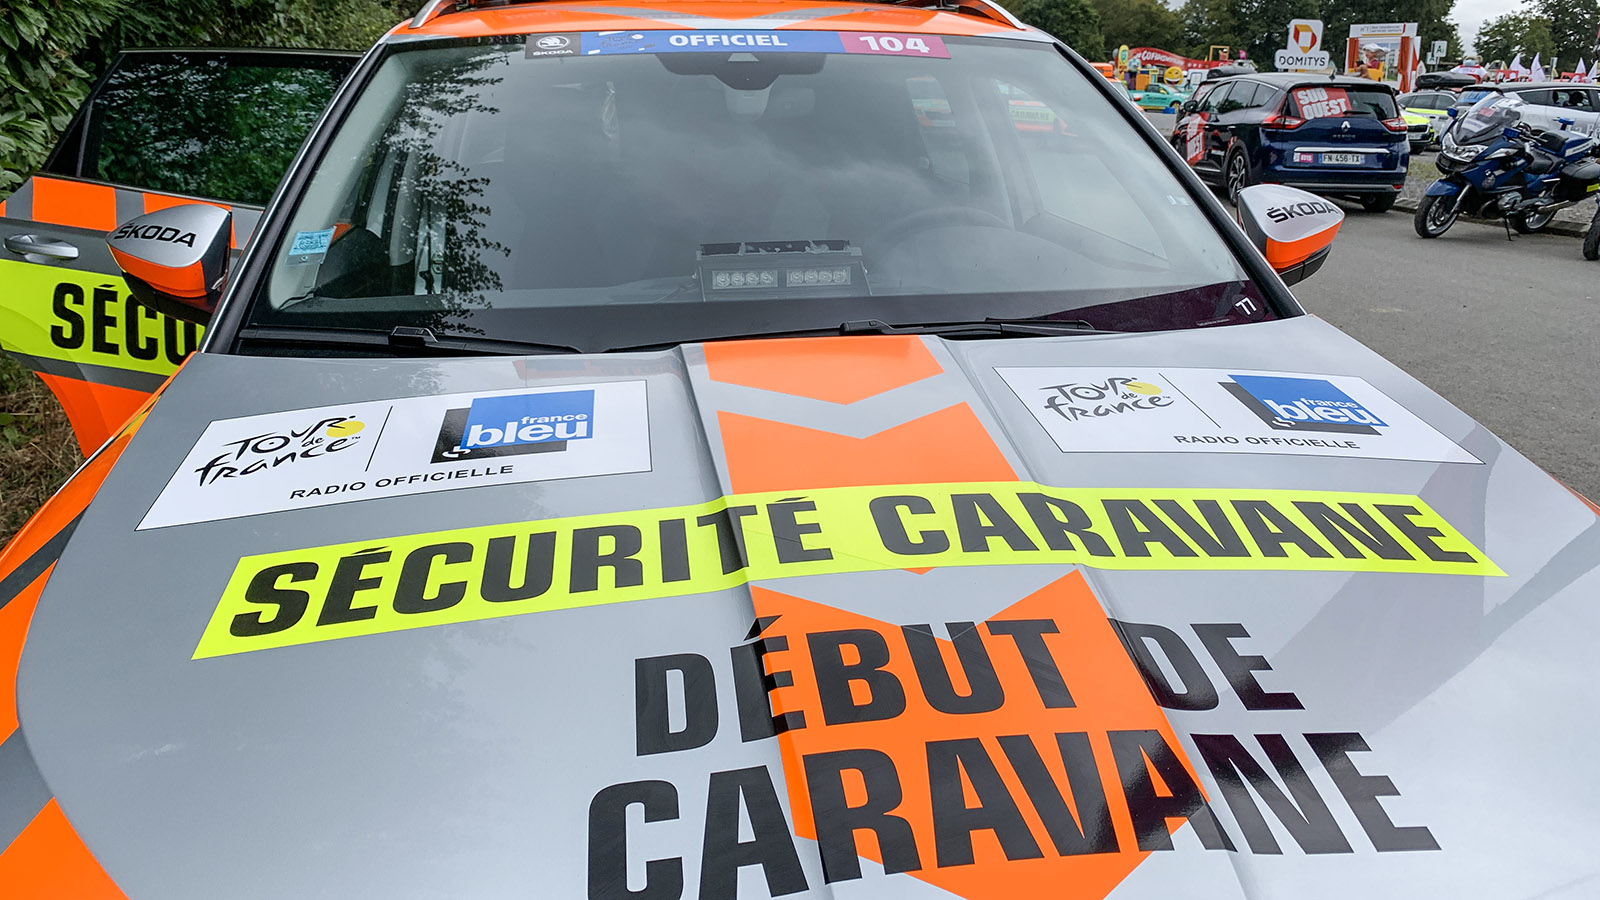 Tour de France: Gendarmerie und Sicherheitsleute führen mit Wagen und Motorrädern die Werbekarawane an. Foto: Hilke Maunder